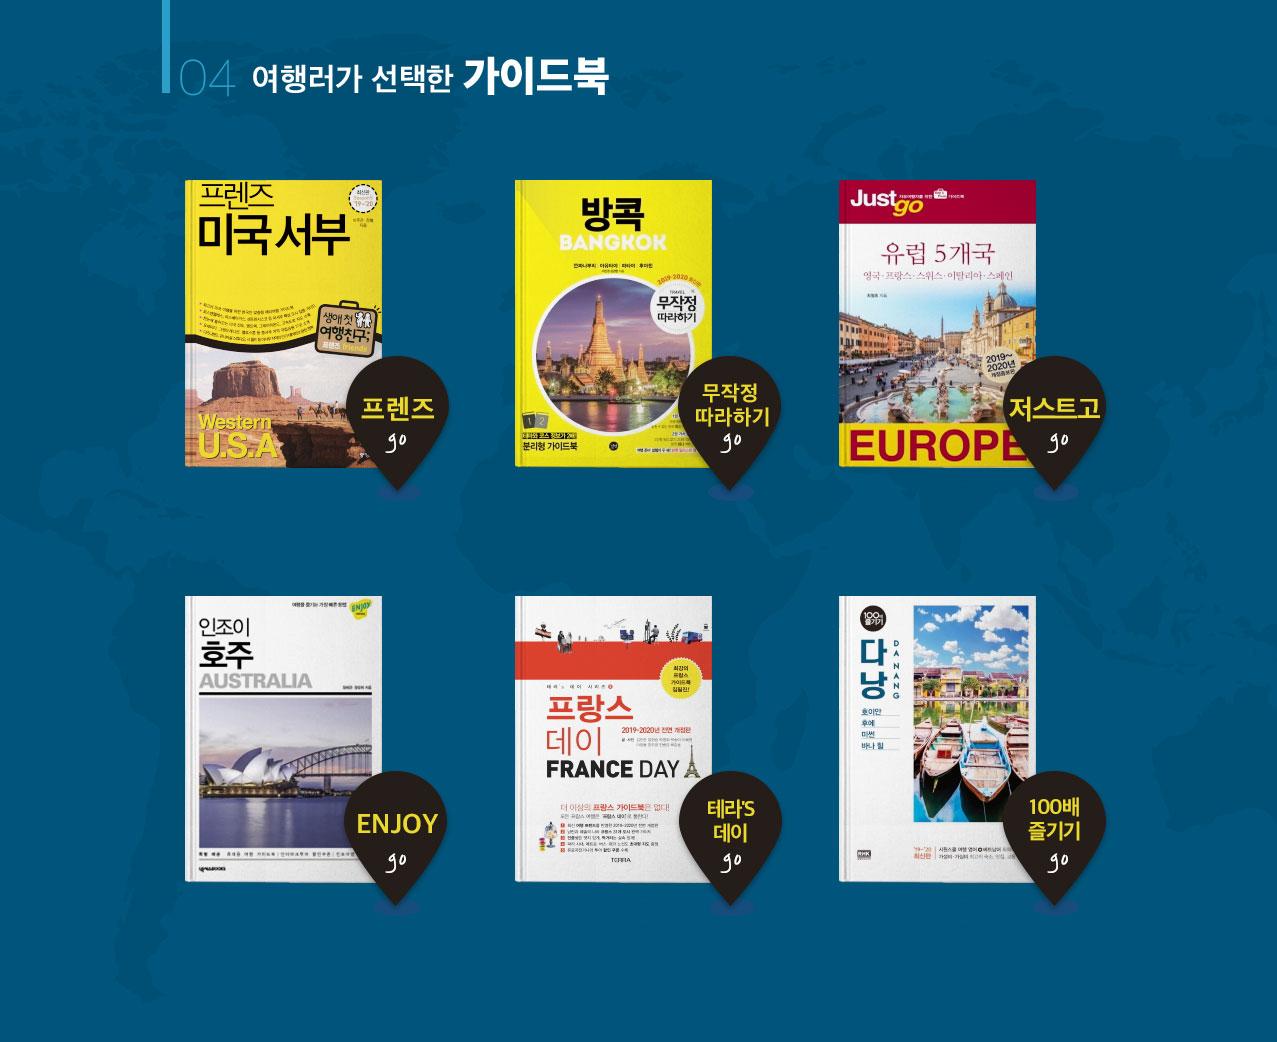 04 여행러가 선택ㄷ한 가이드북